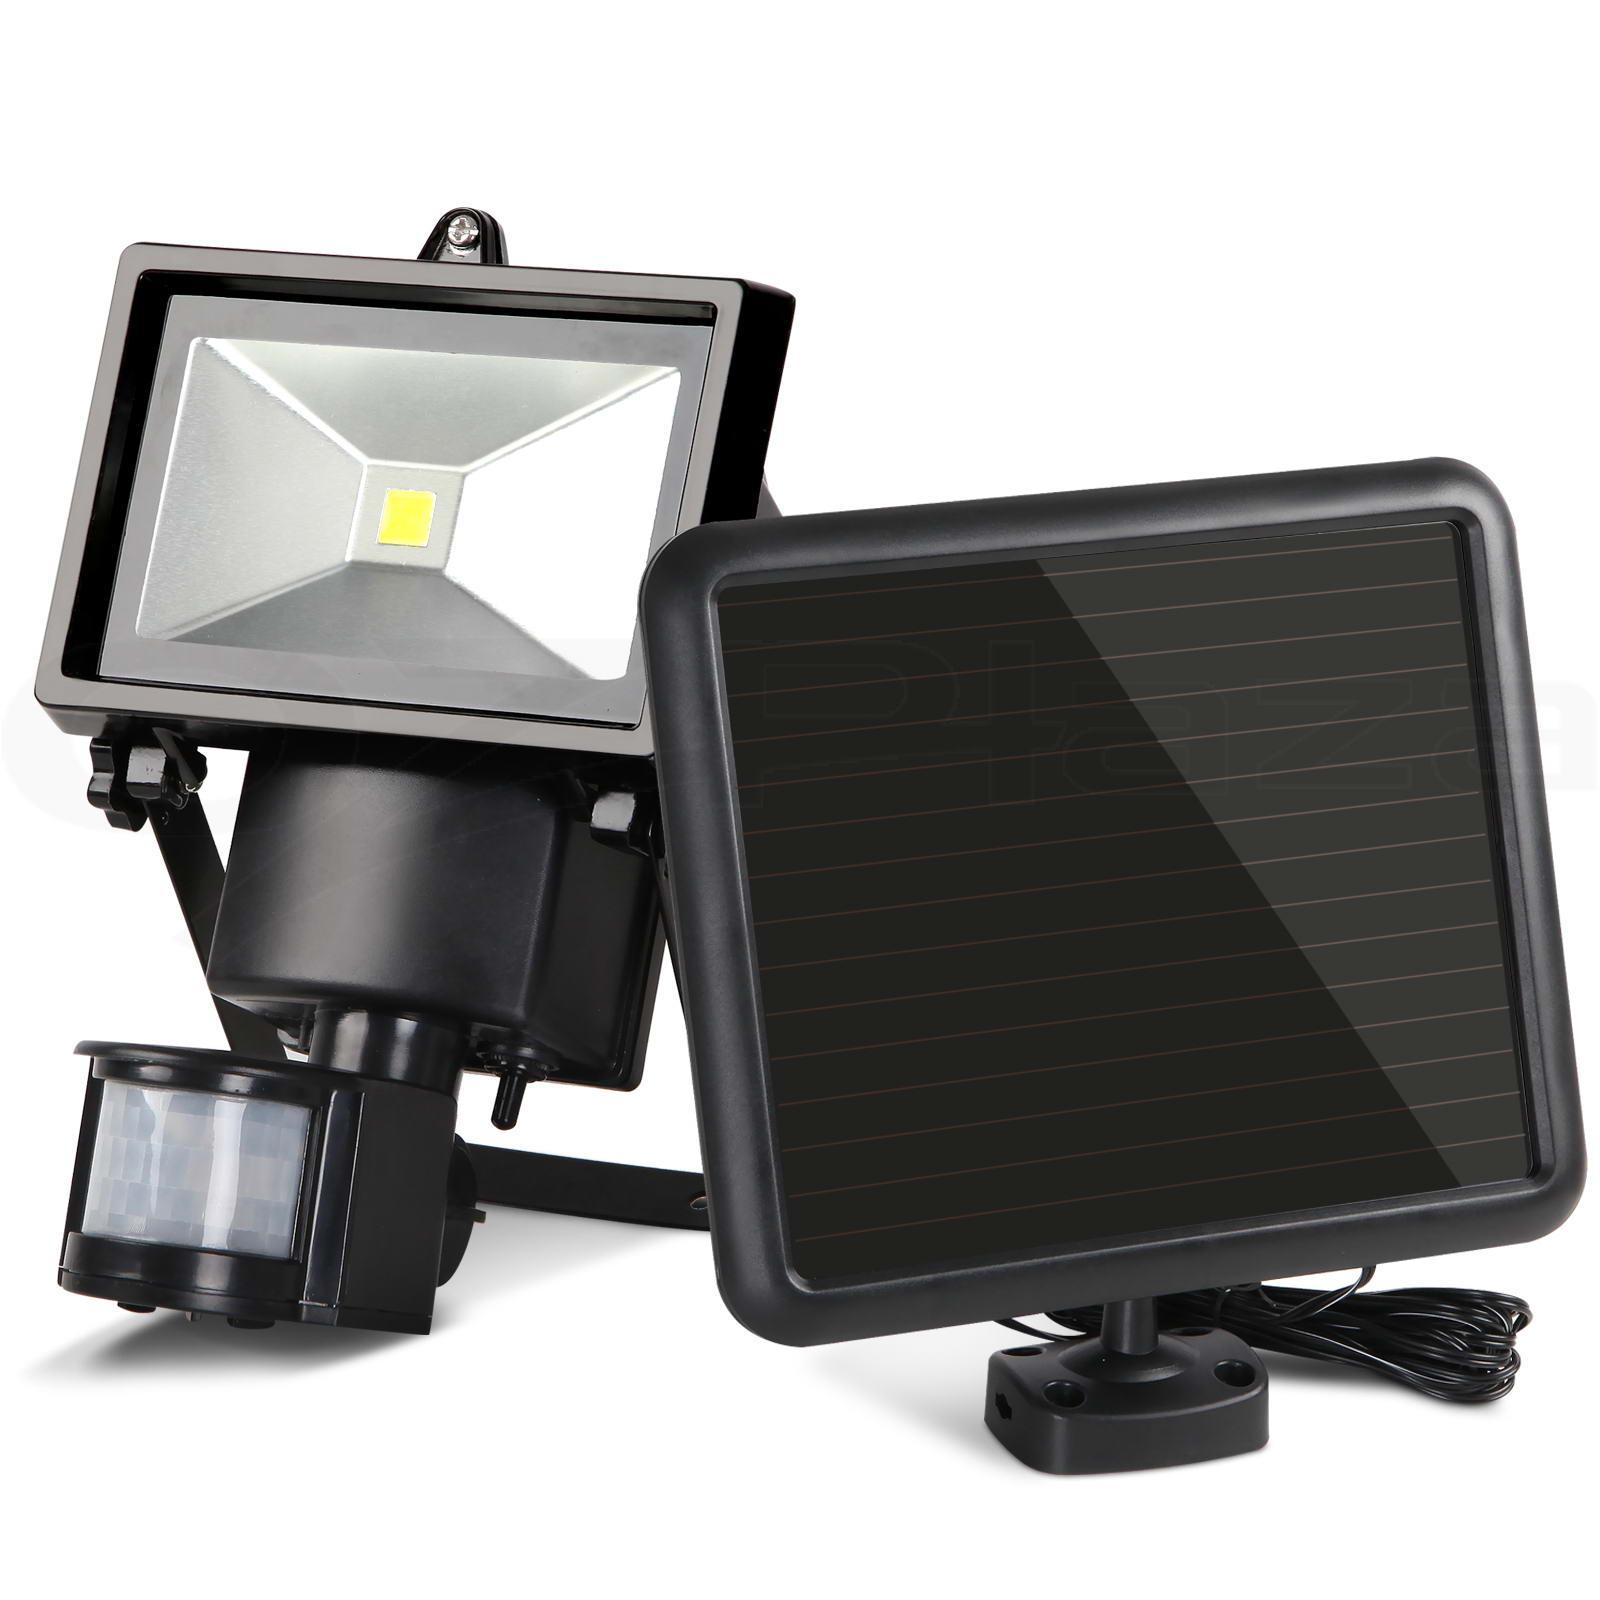 solar sensor light motion detection security garden flood lights. Black Bedroom Furniture Sets. Home Design Ideas